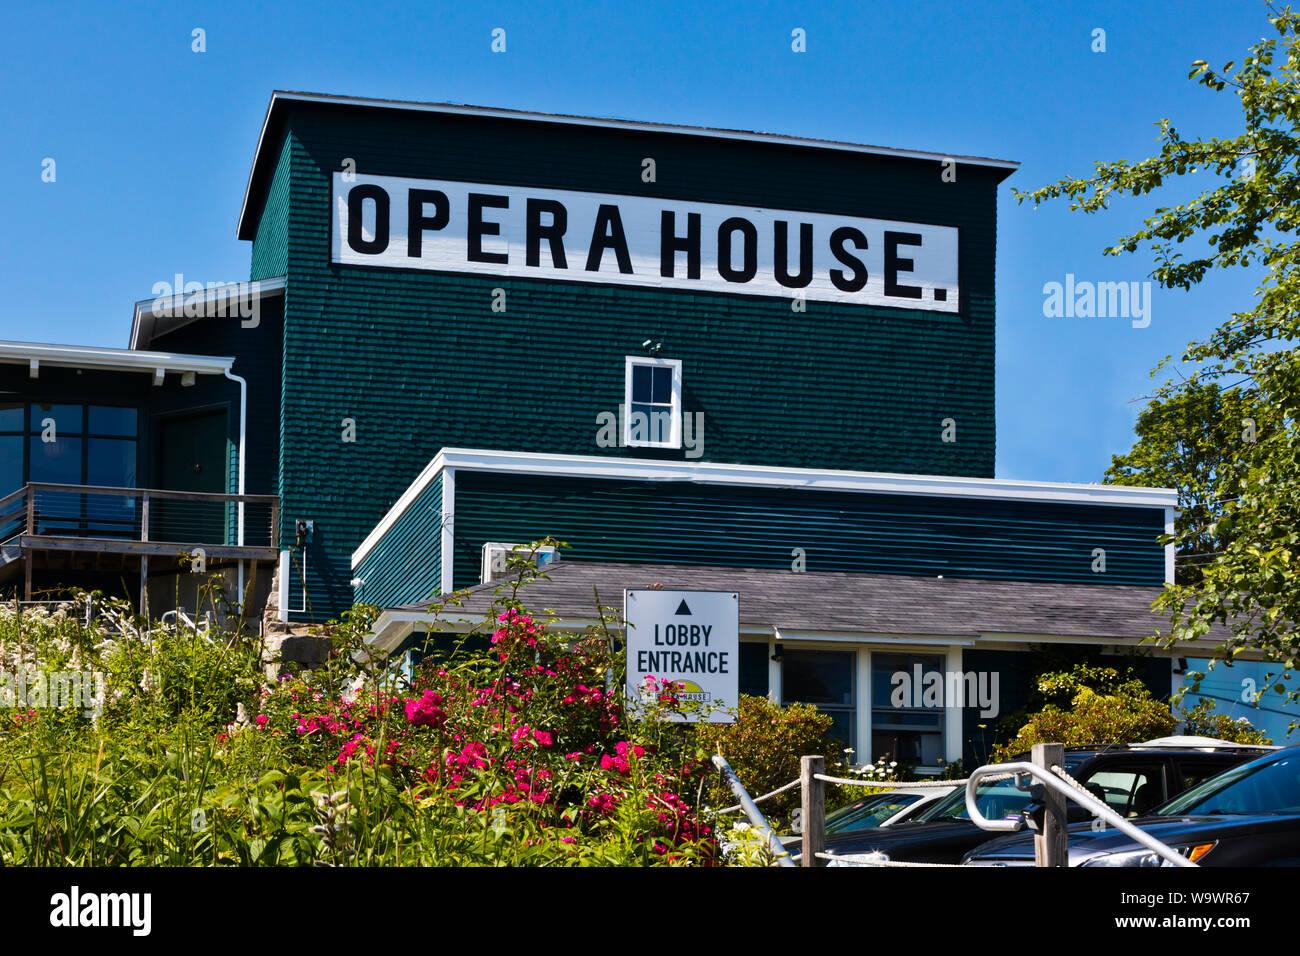 La casa de la ÓPERA DE STONINGTON un importante puerto de pesca de langosta y destino turístico - Deer Island, Maine Foto de stock